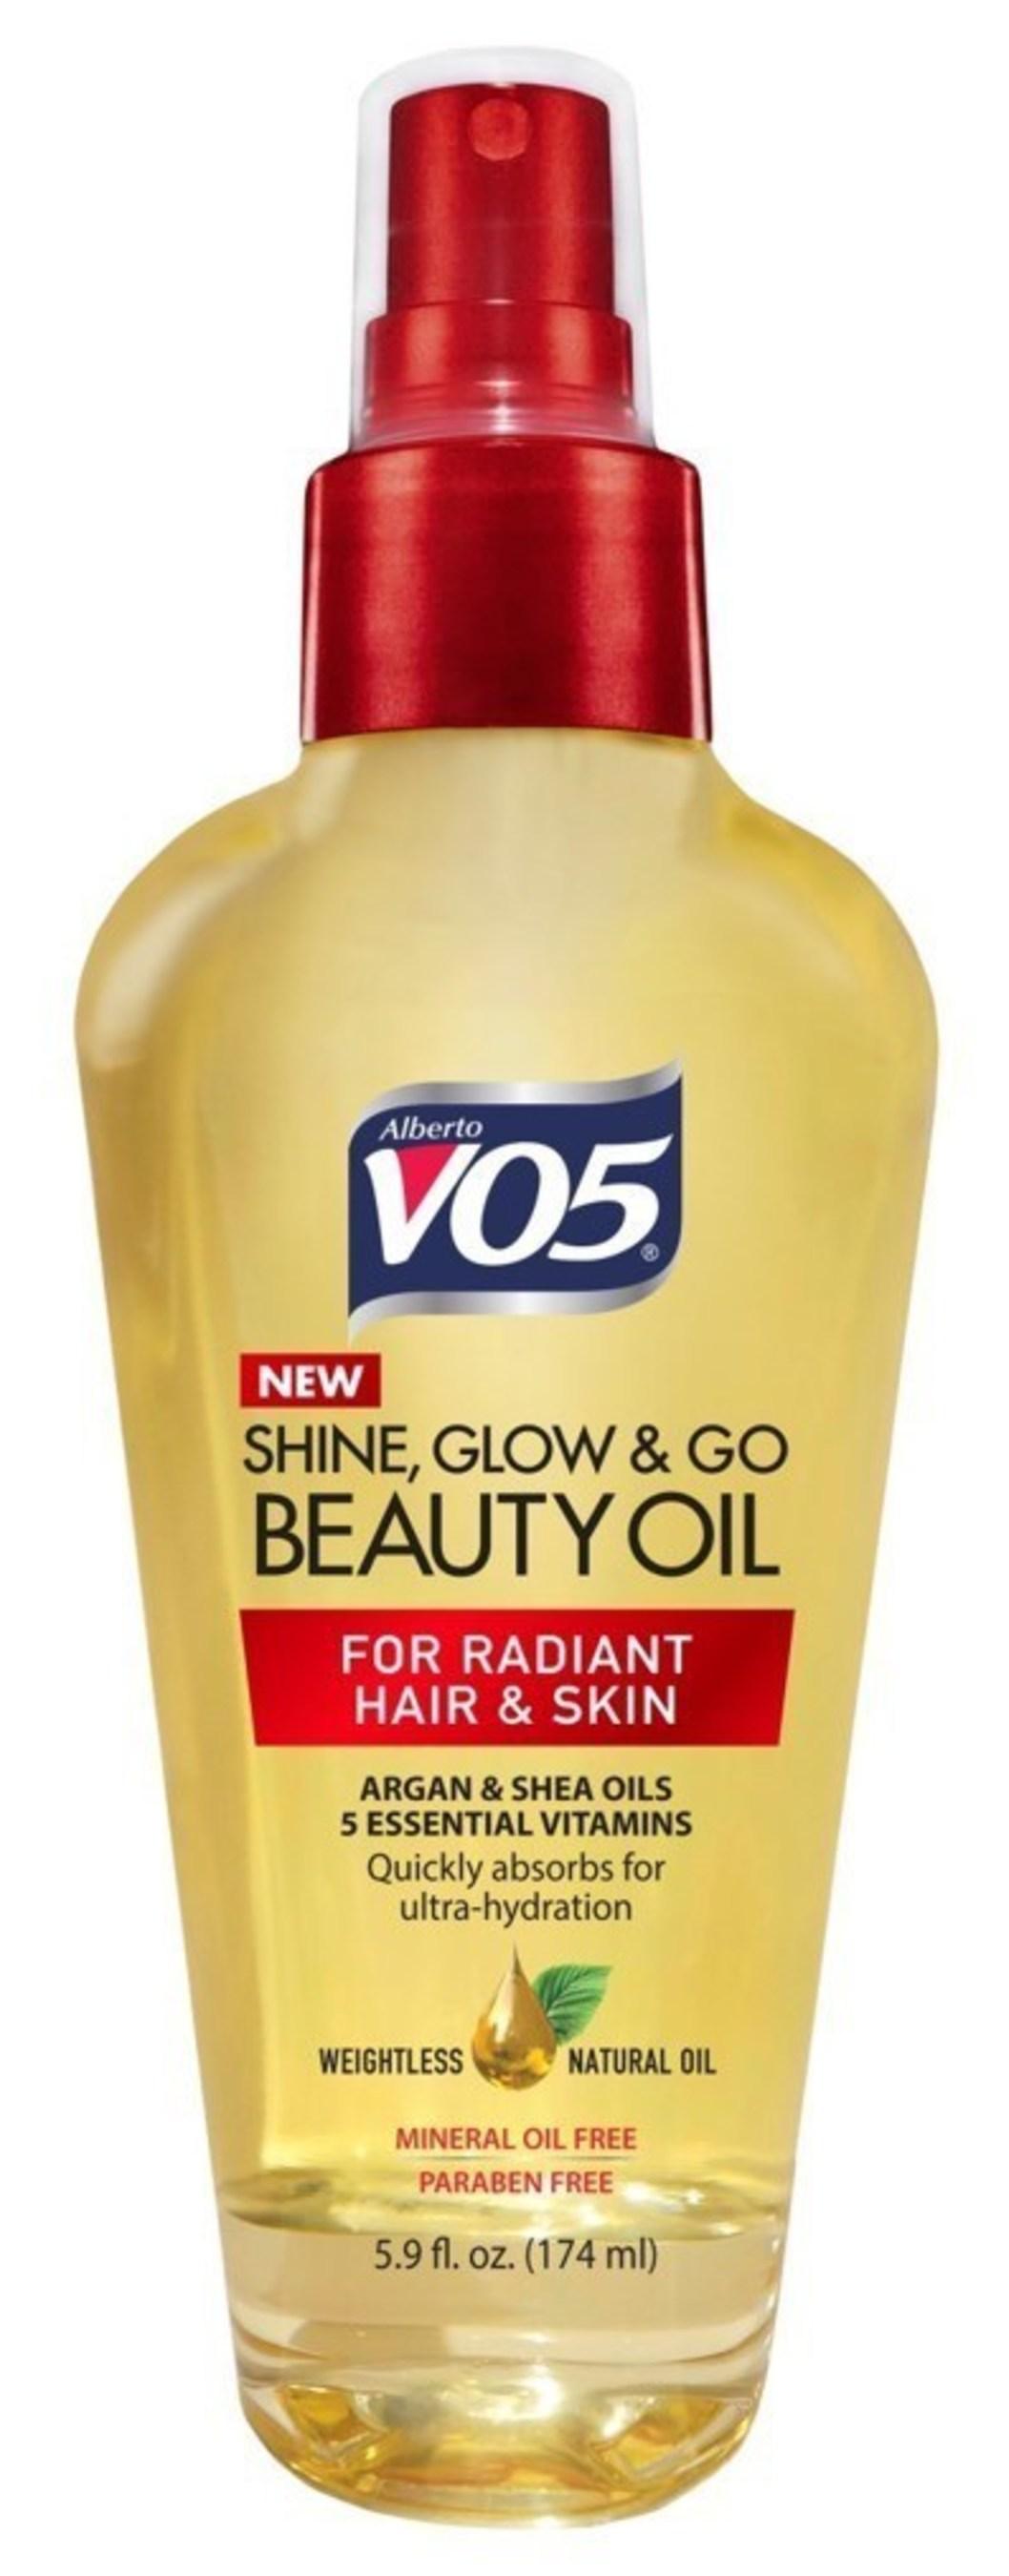 VO5 Shine, Glow & Go Beauty Oil